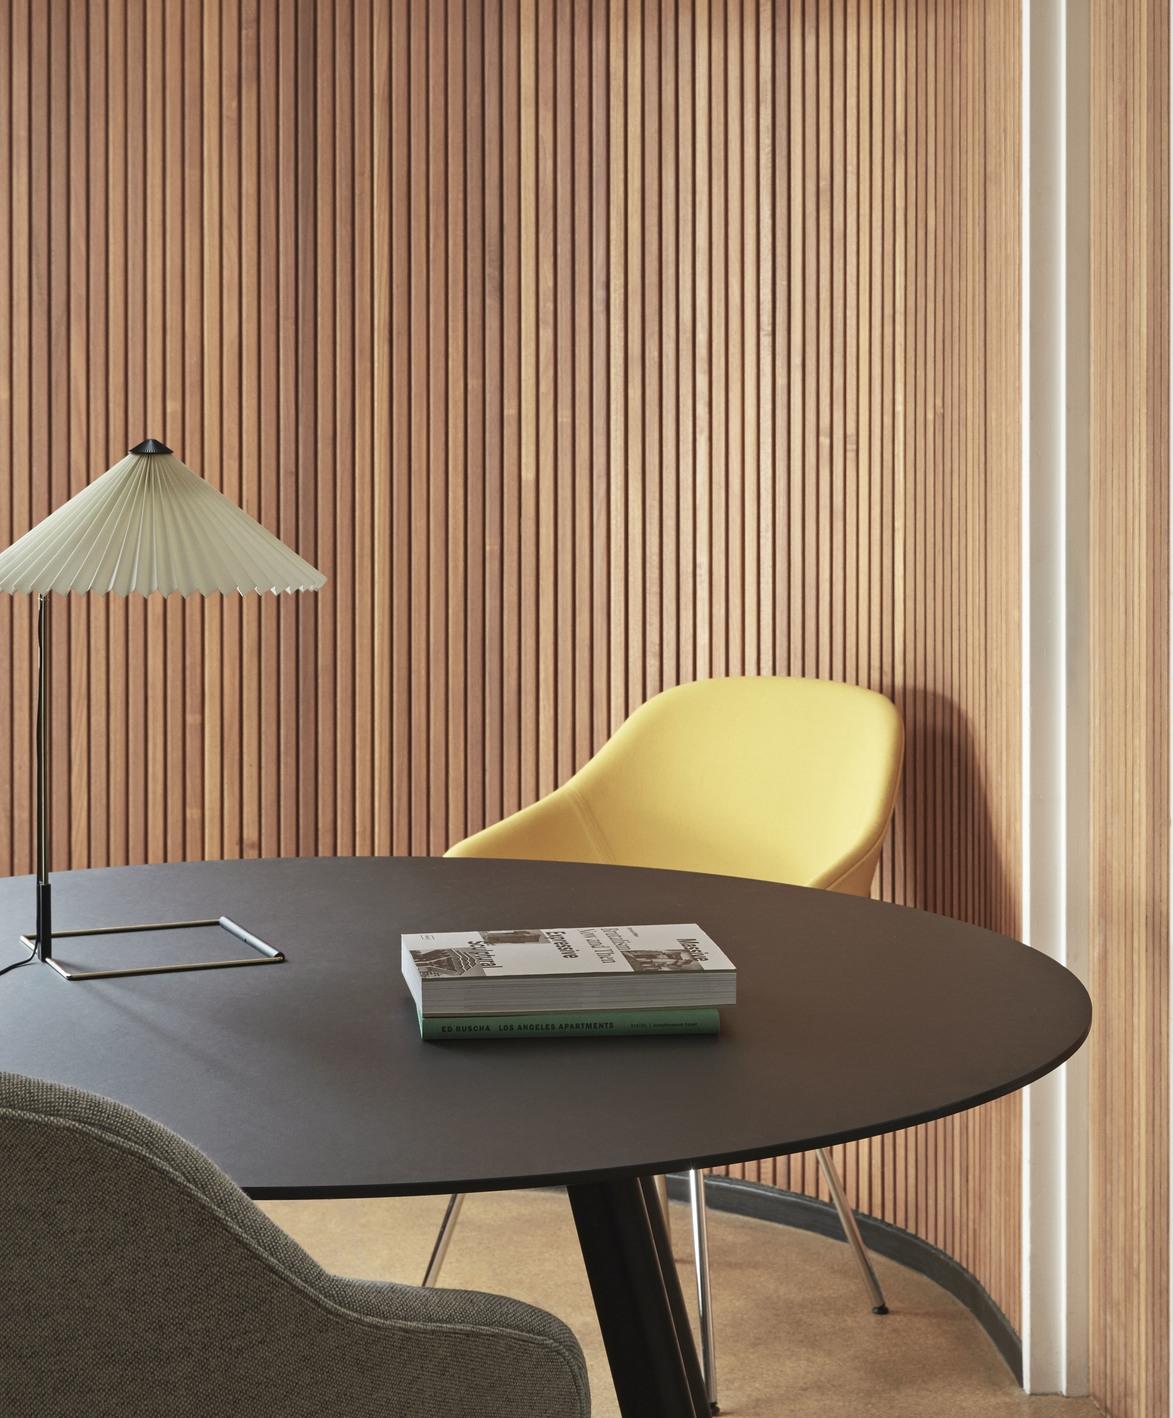 HAY Tisch CPH 25 Linoleum grün/ Eiche